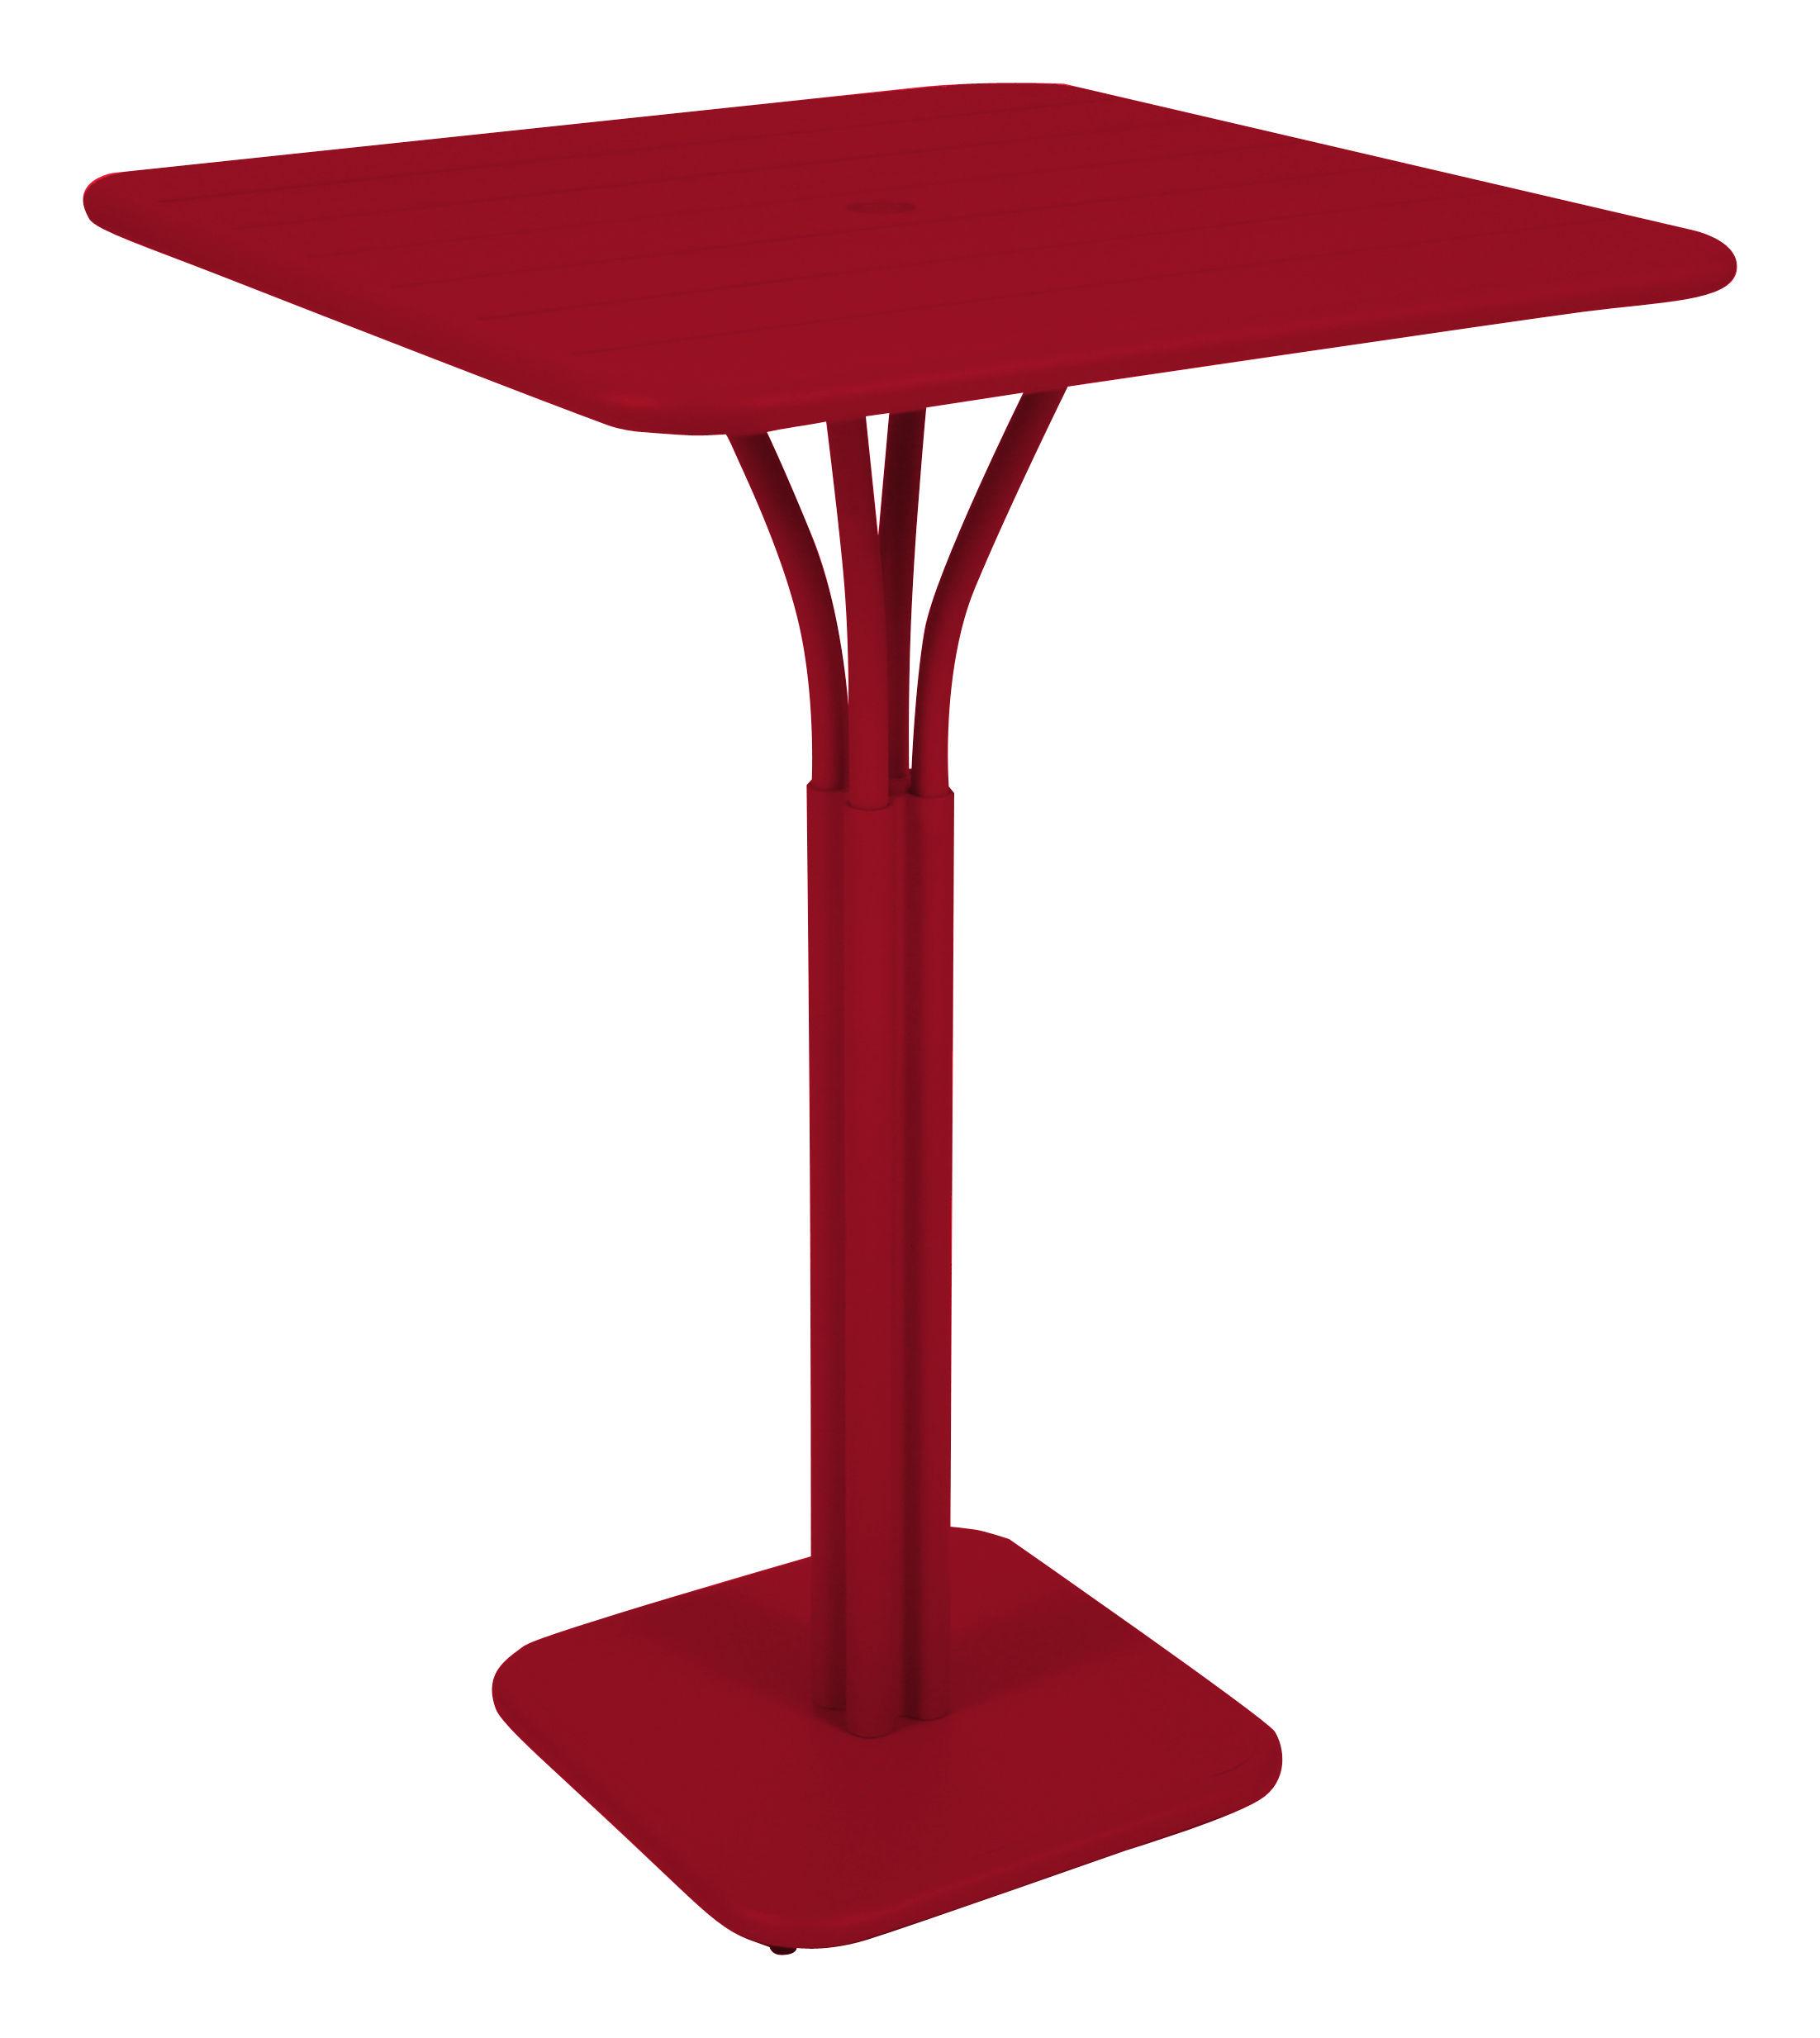 Möbel - Stehtische und Bars - Luxembourg Stehtisch 80 x 80 x H 105 cm - Fermob - Klatschmohn - lackiertes Aluminium